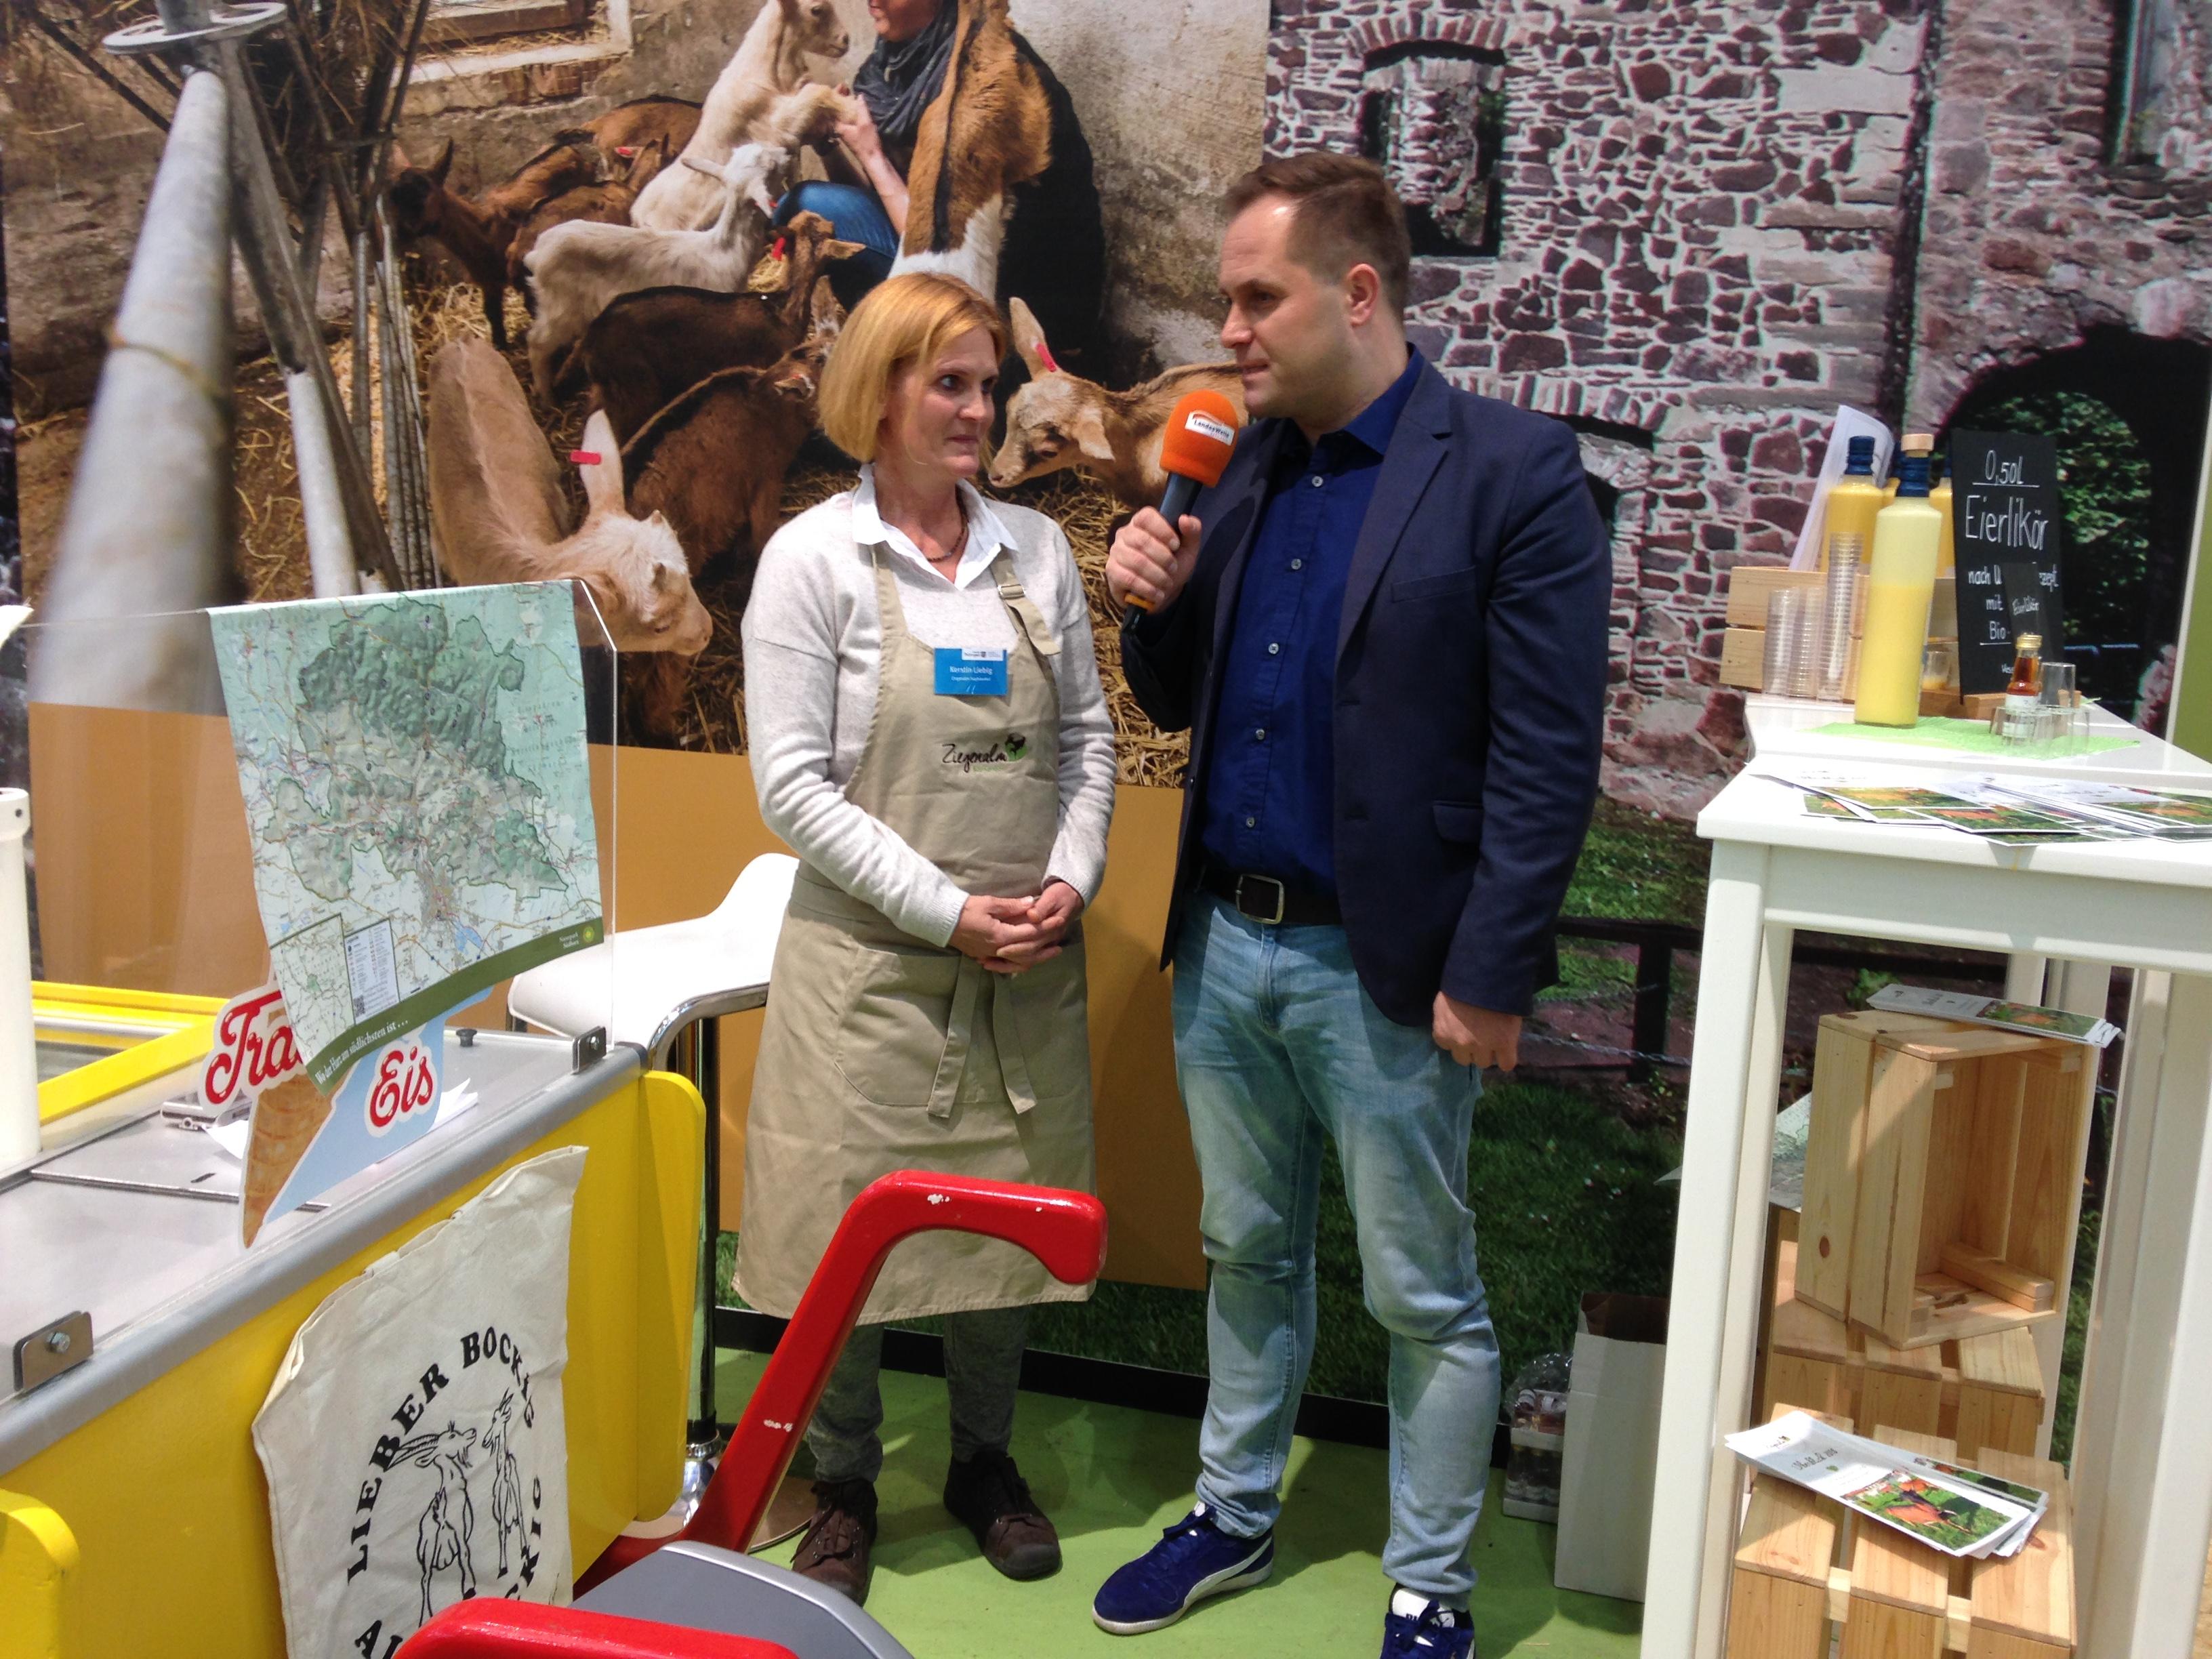 Kerstin Liebig von der Ziegenalm Sophienhof im Interview mit dem Moderator des Messe - Bühnenprogramms